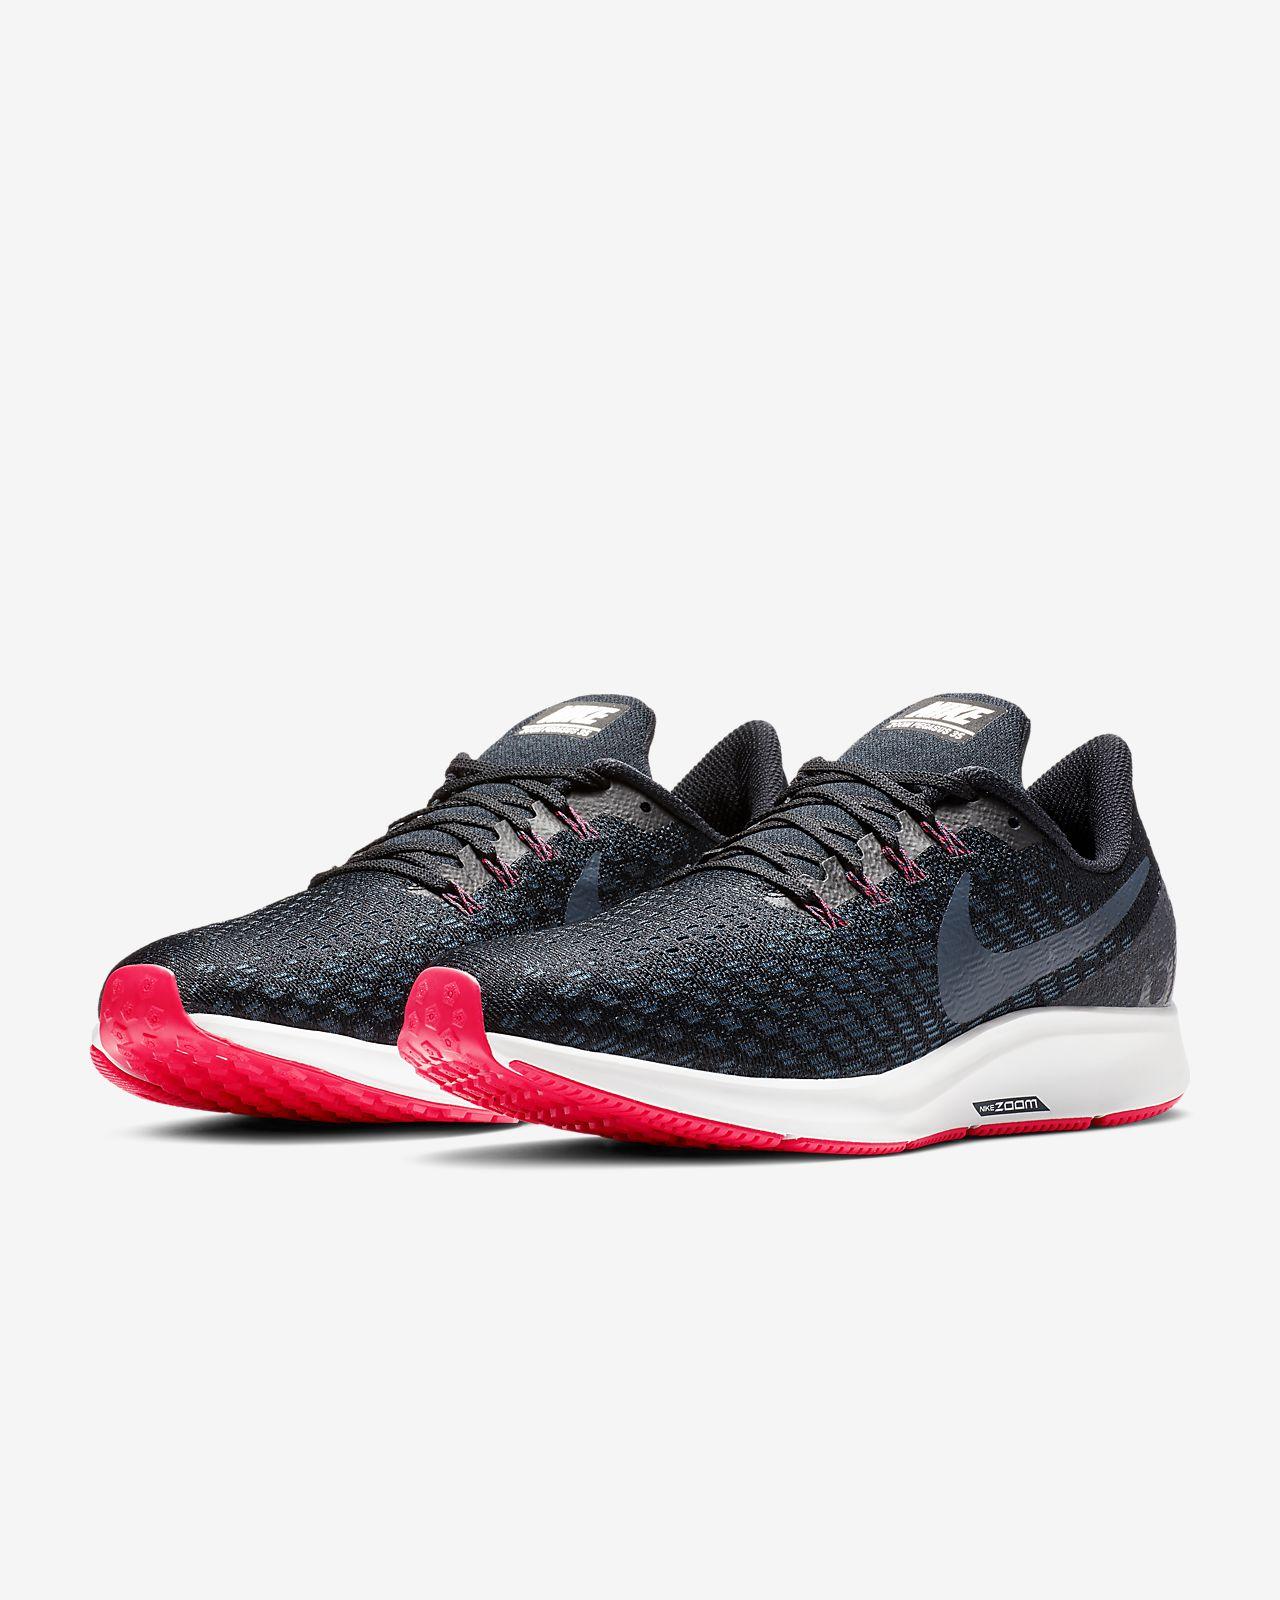 1ddfe9d9c49ac7 Nike Air Zoom Pegasus 35 Men s Running Shoe. Nike.com DK